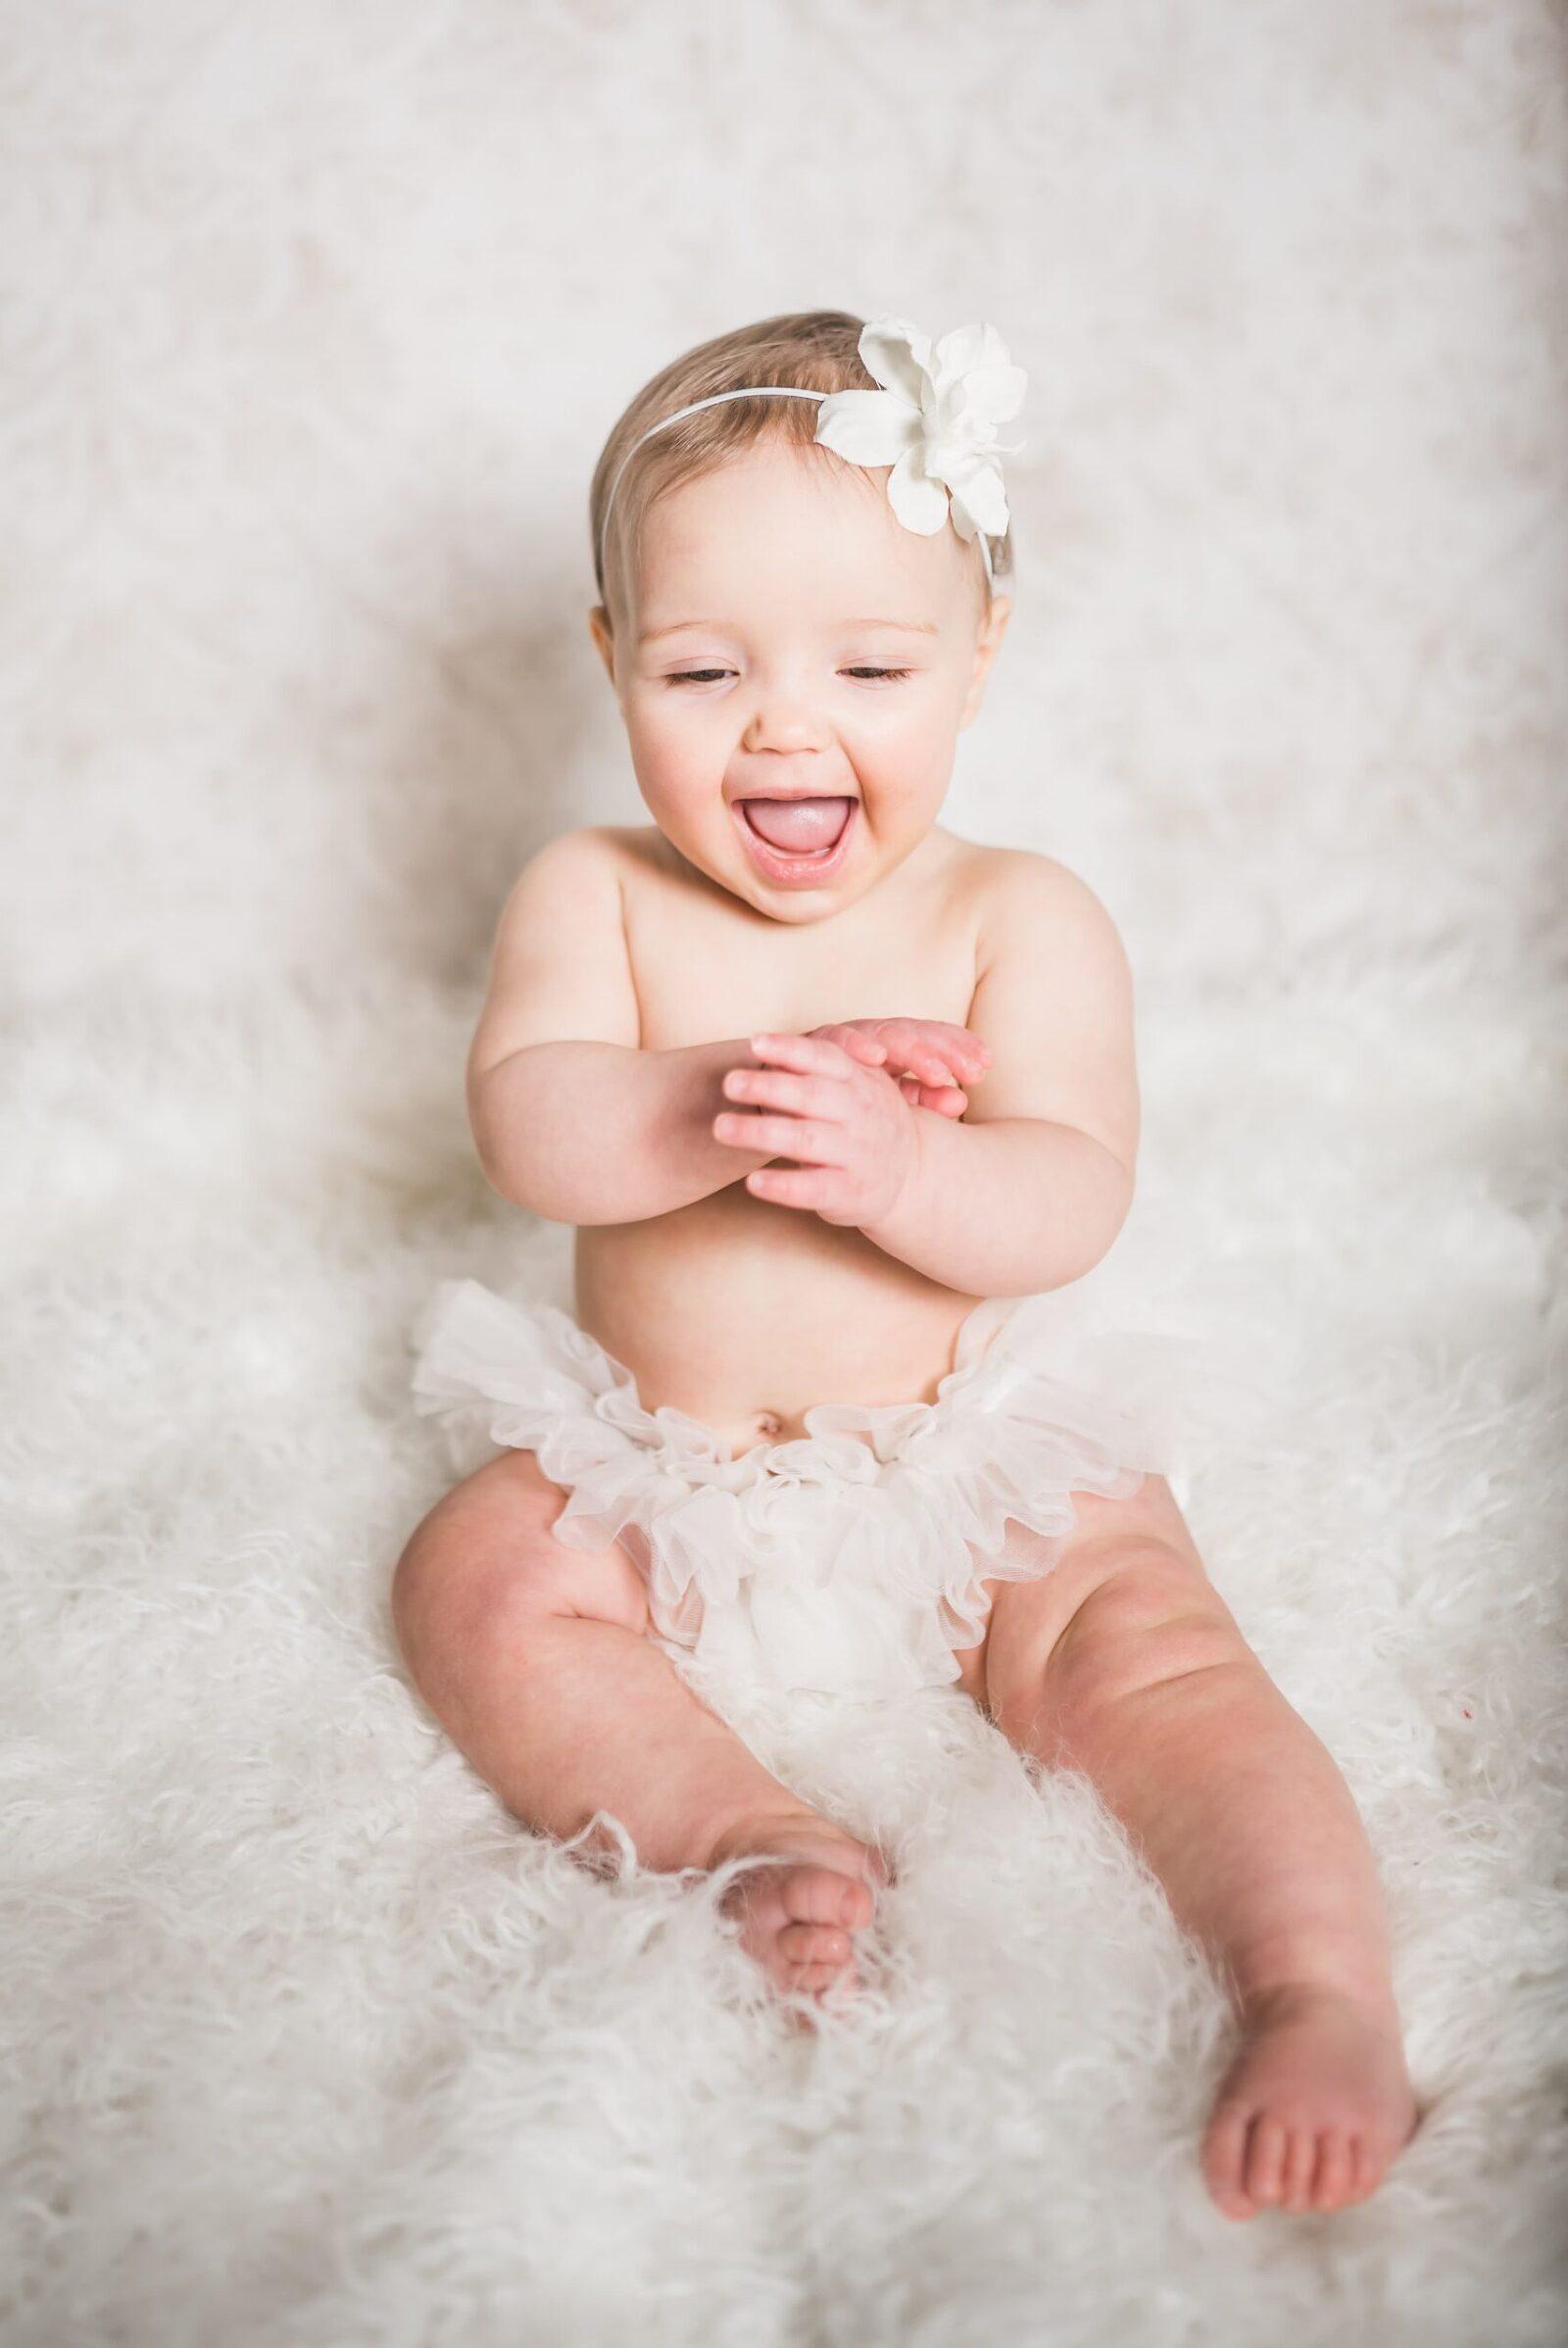 baby girl in tutu on white fur laughing